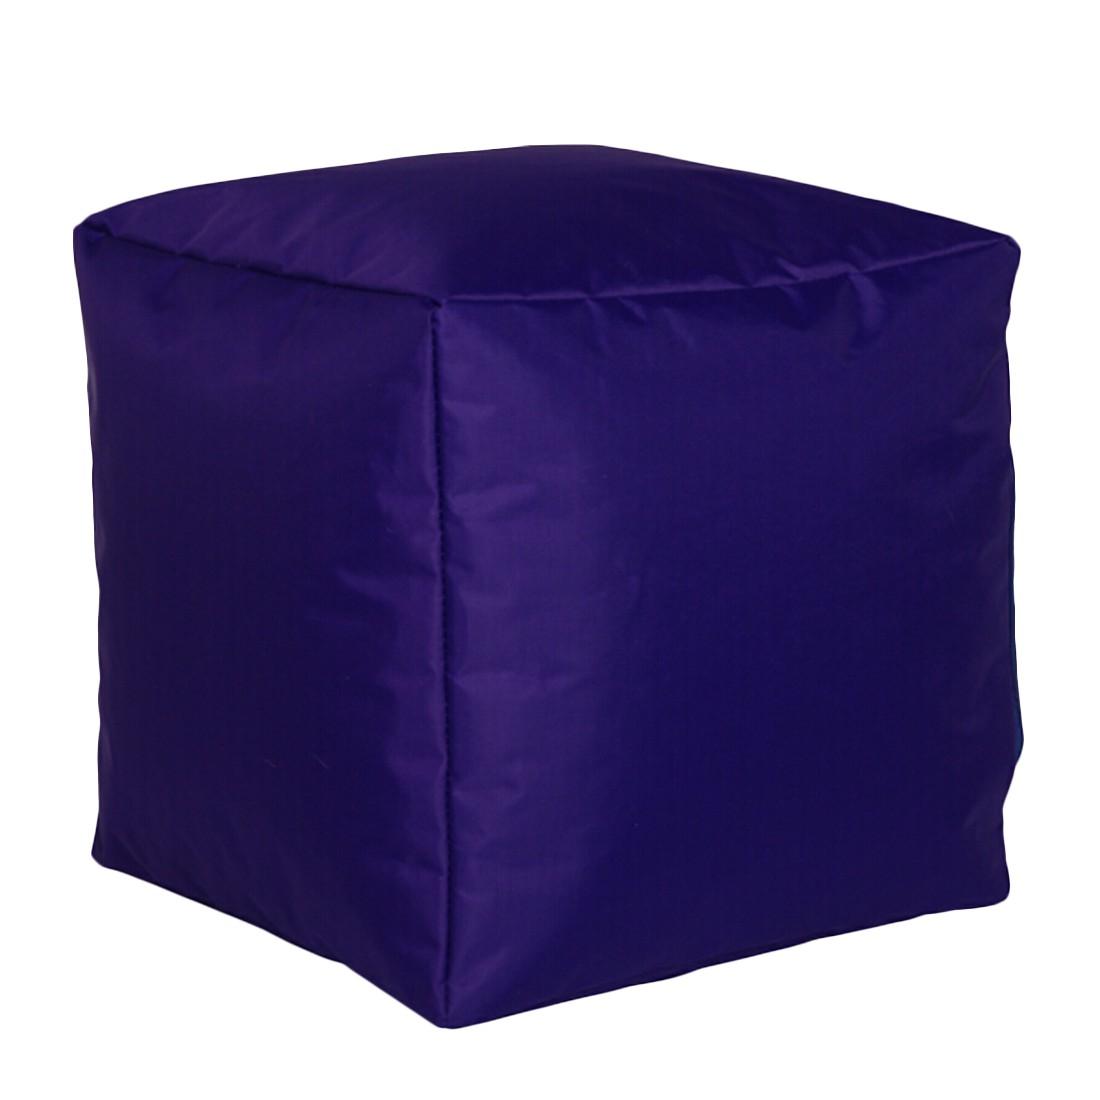 Sitzwürfel Nylon Violett klein – Paars – 30 x 30 cm, KC-Handel jetzt kaufen